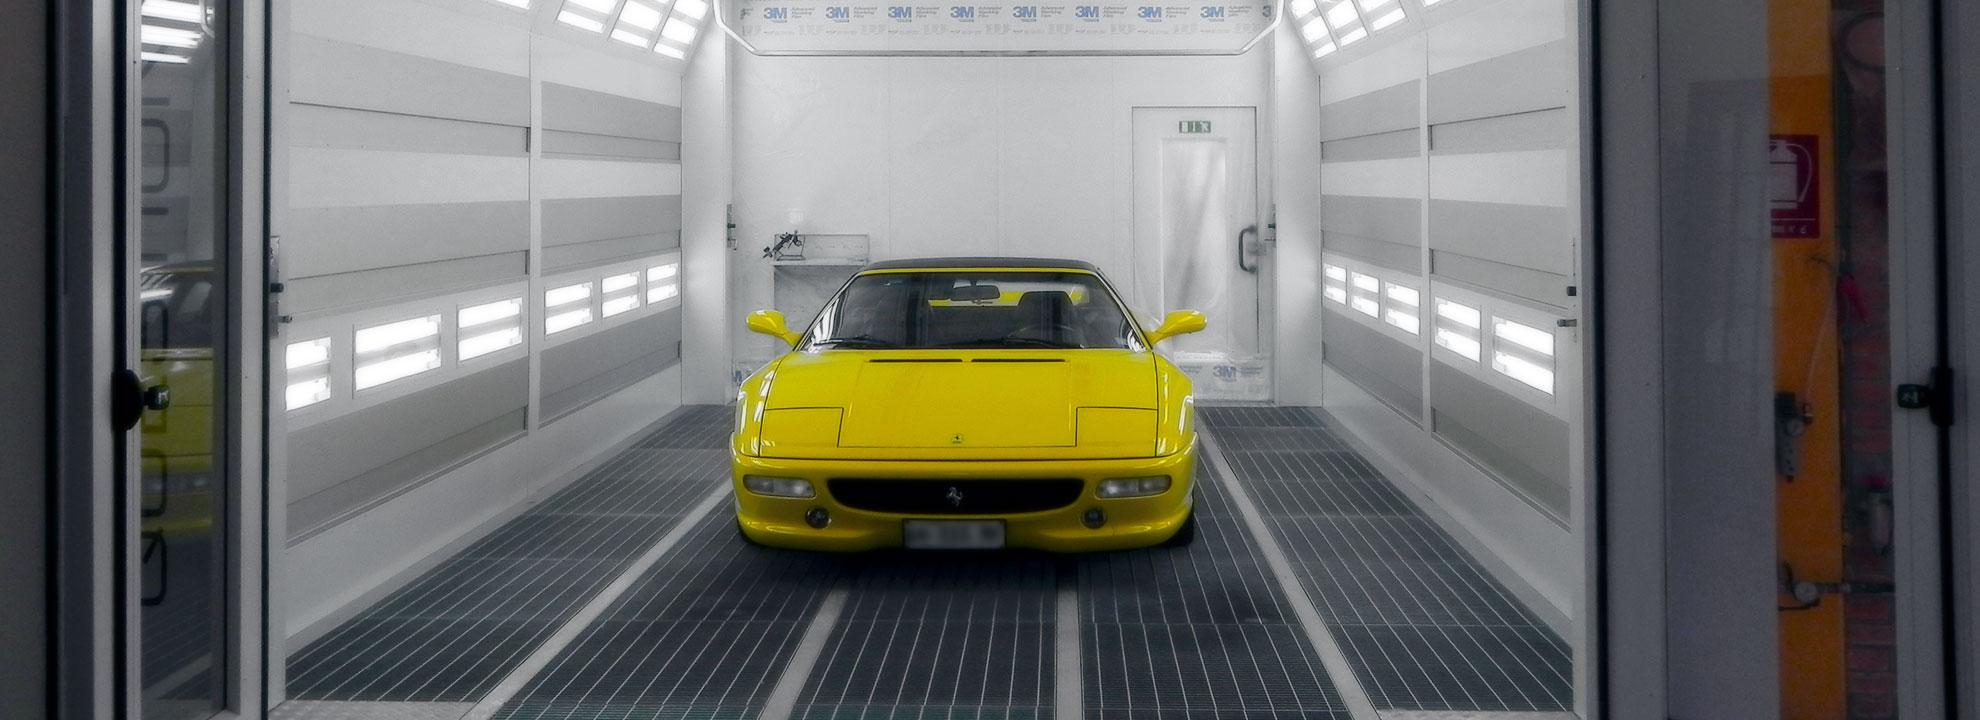 Ferrari in forno verniciatura carrozzeria